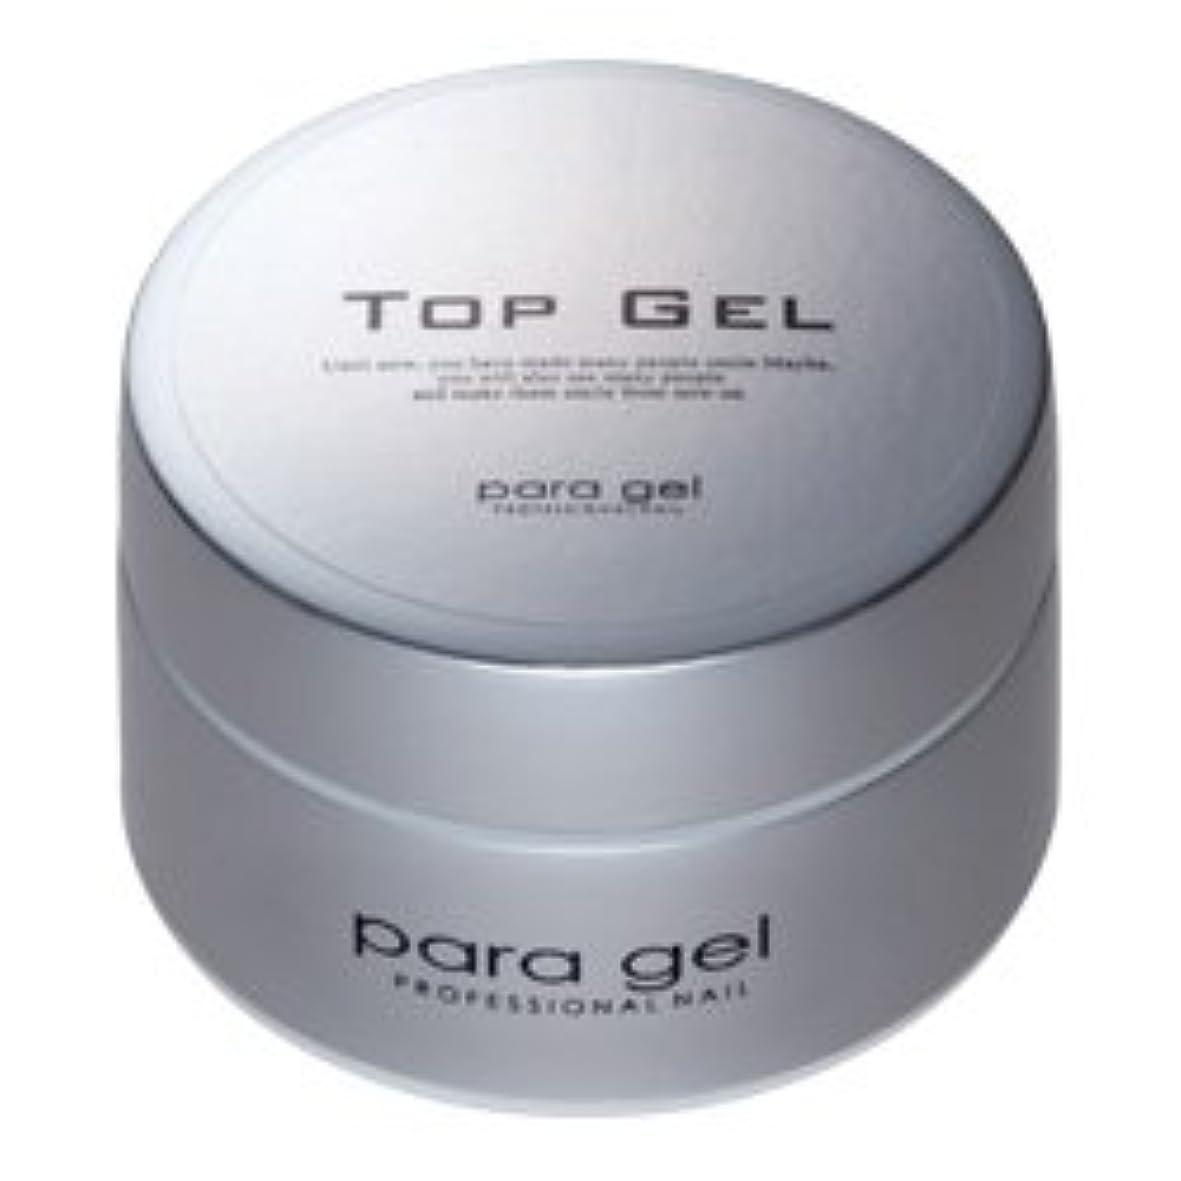 リング農奴それに応じて★para gel(パラジェル) <BR>トップジェル 10g